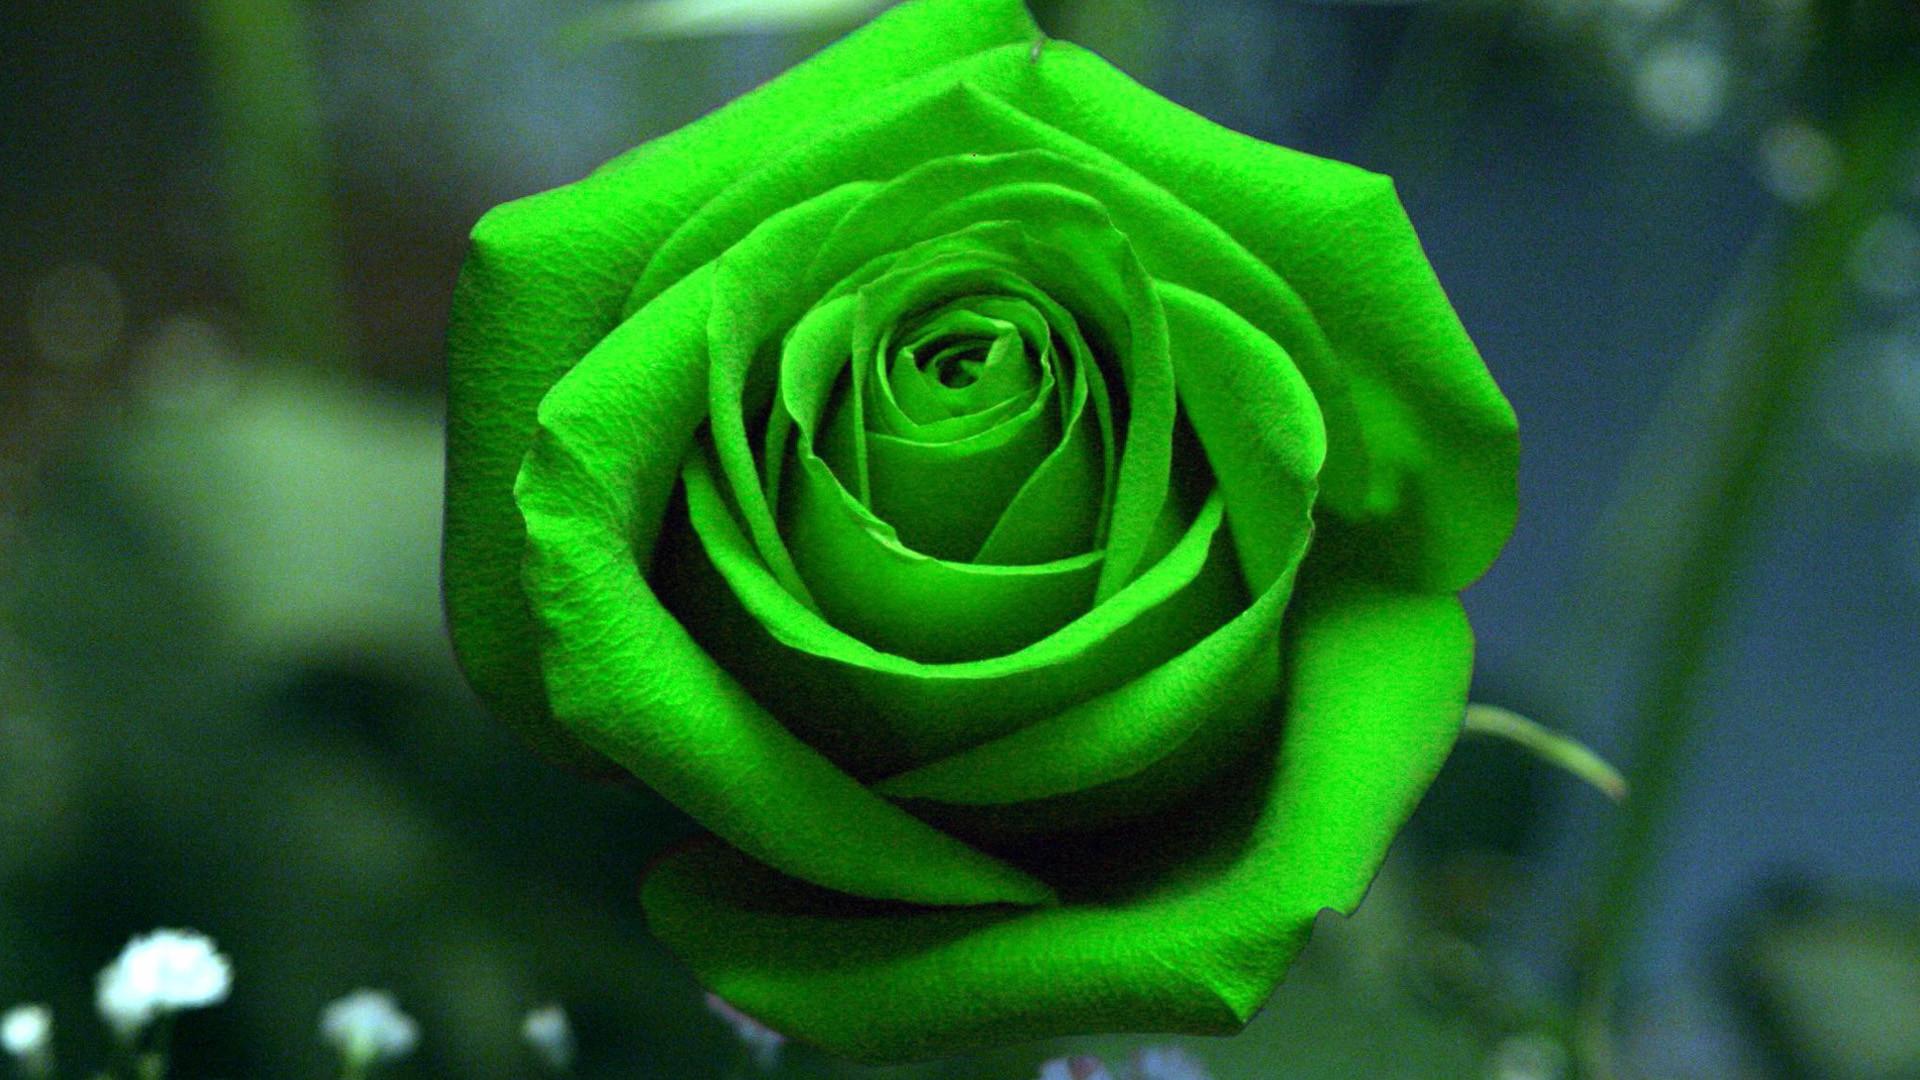 Green Rose Flower Hd Wallpaper